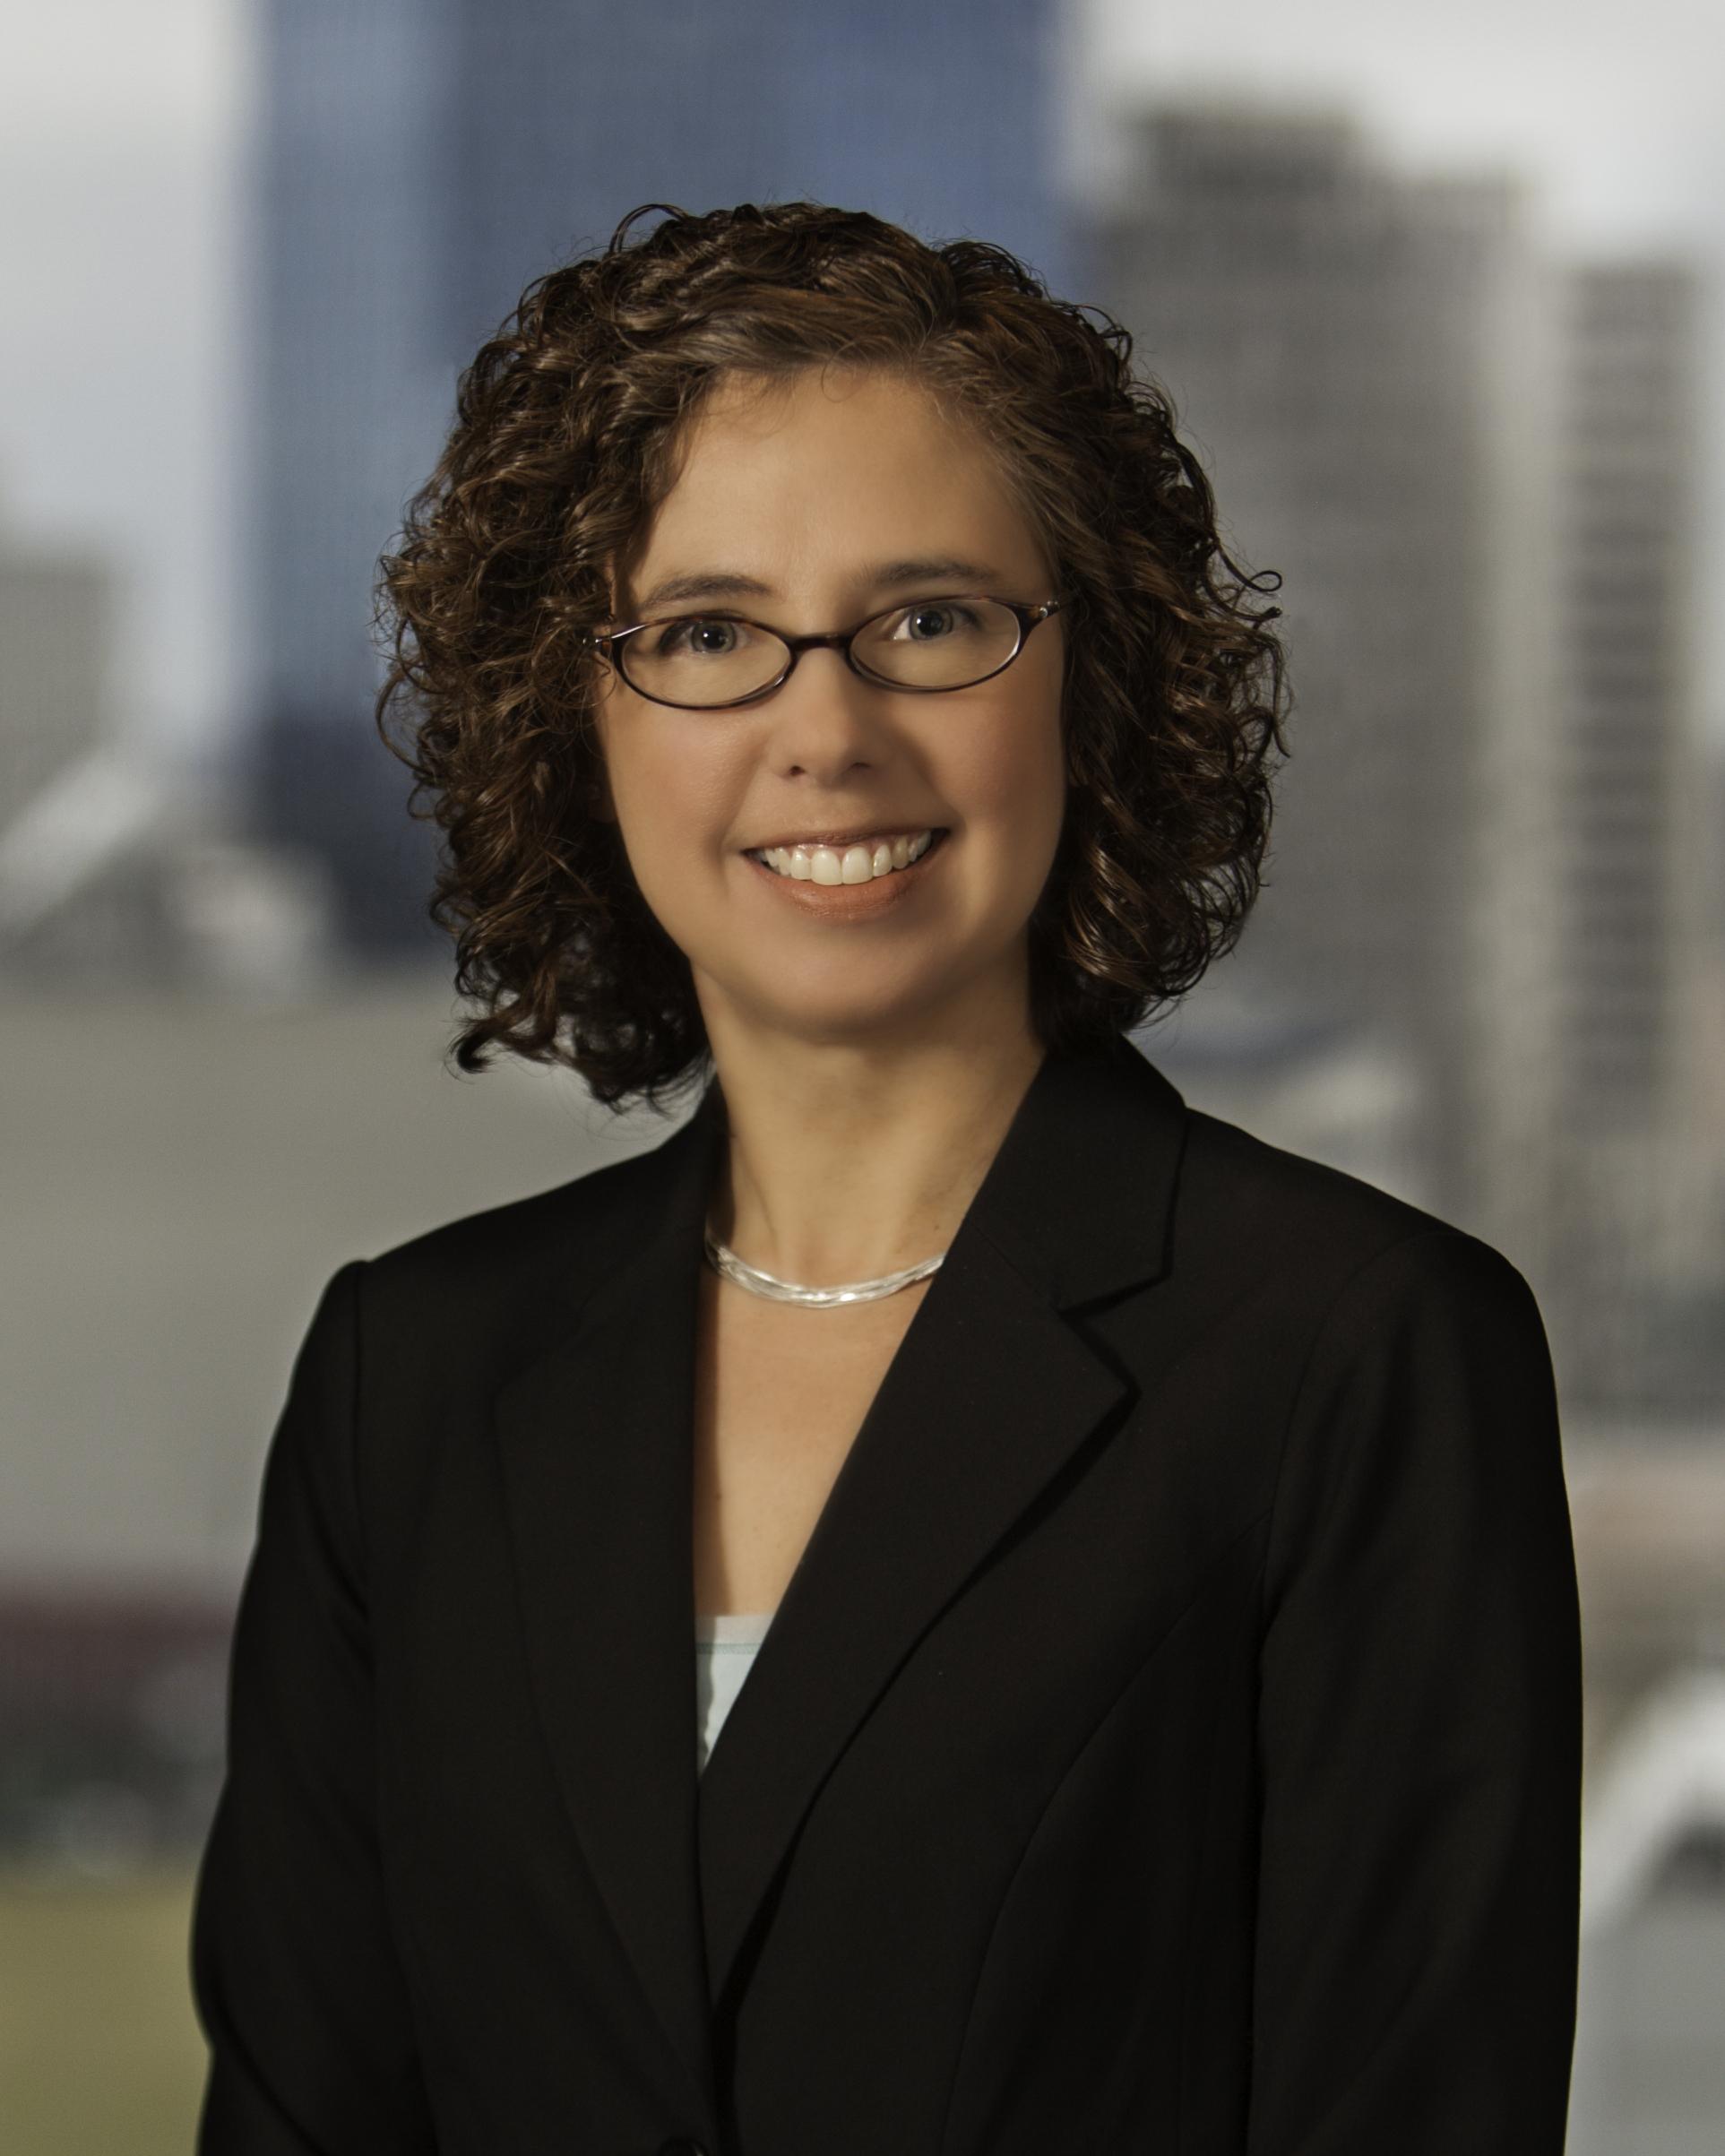 Cindy Effinger